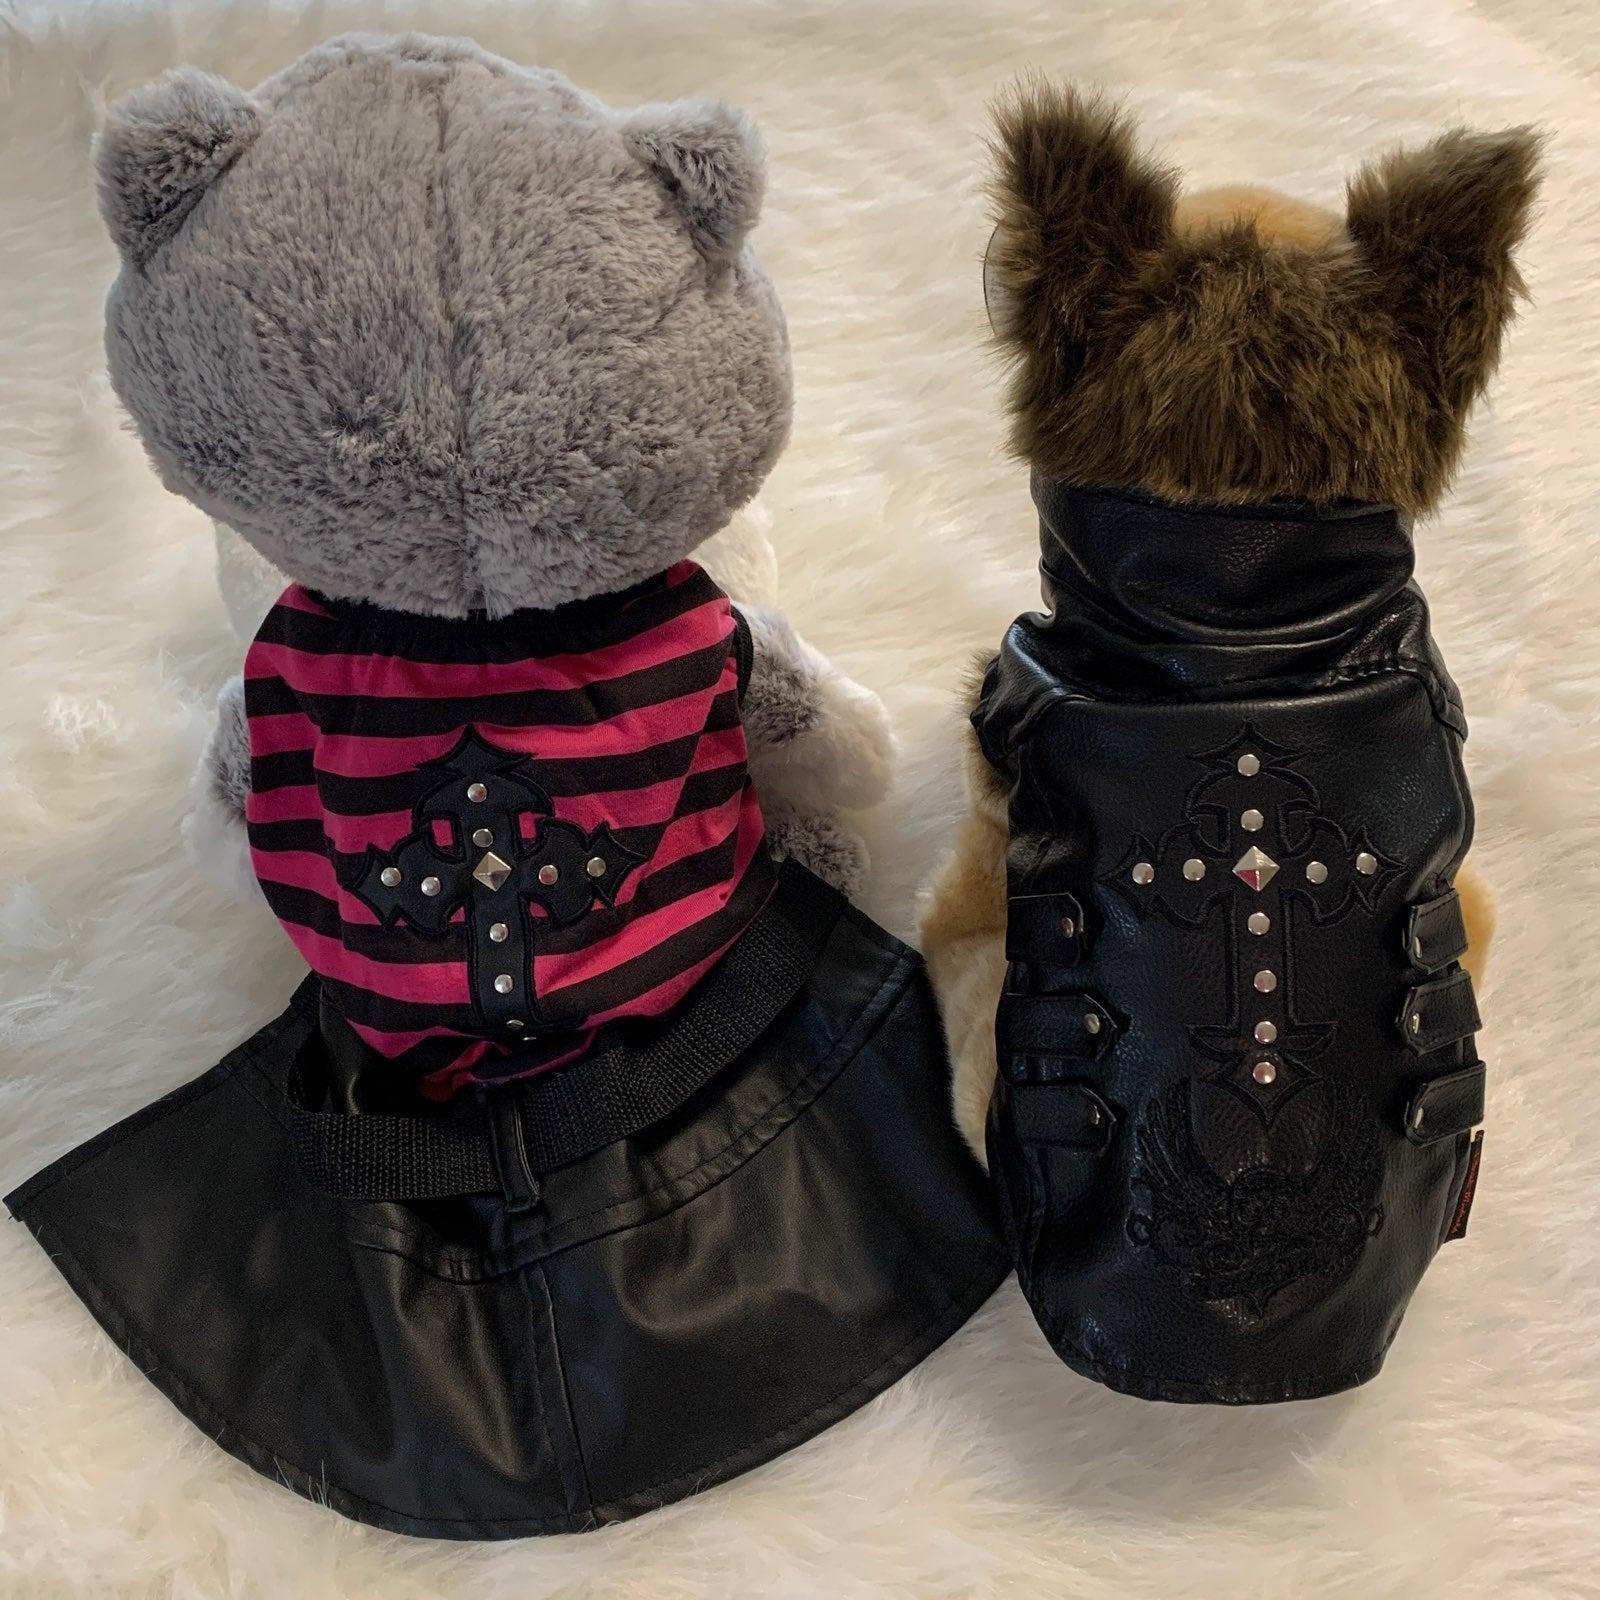 Bret Michaels Pets Rock Outfits